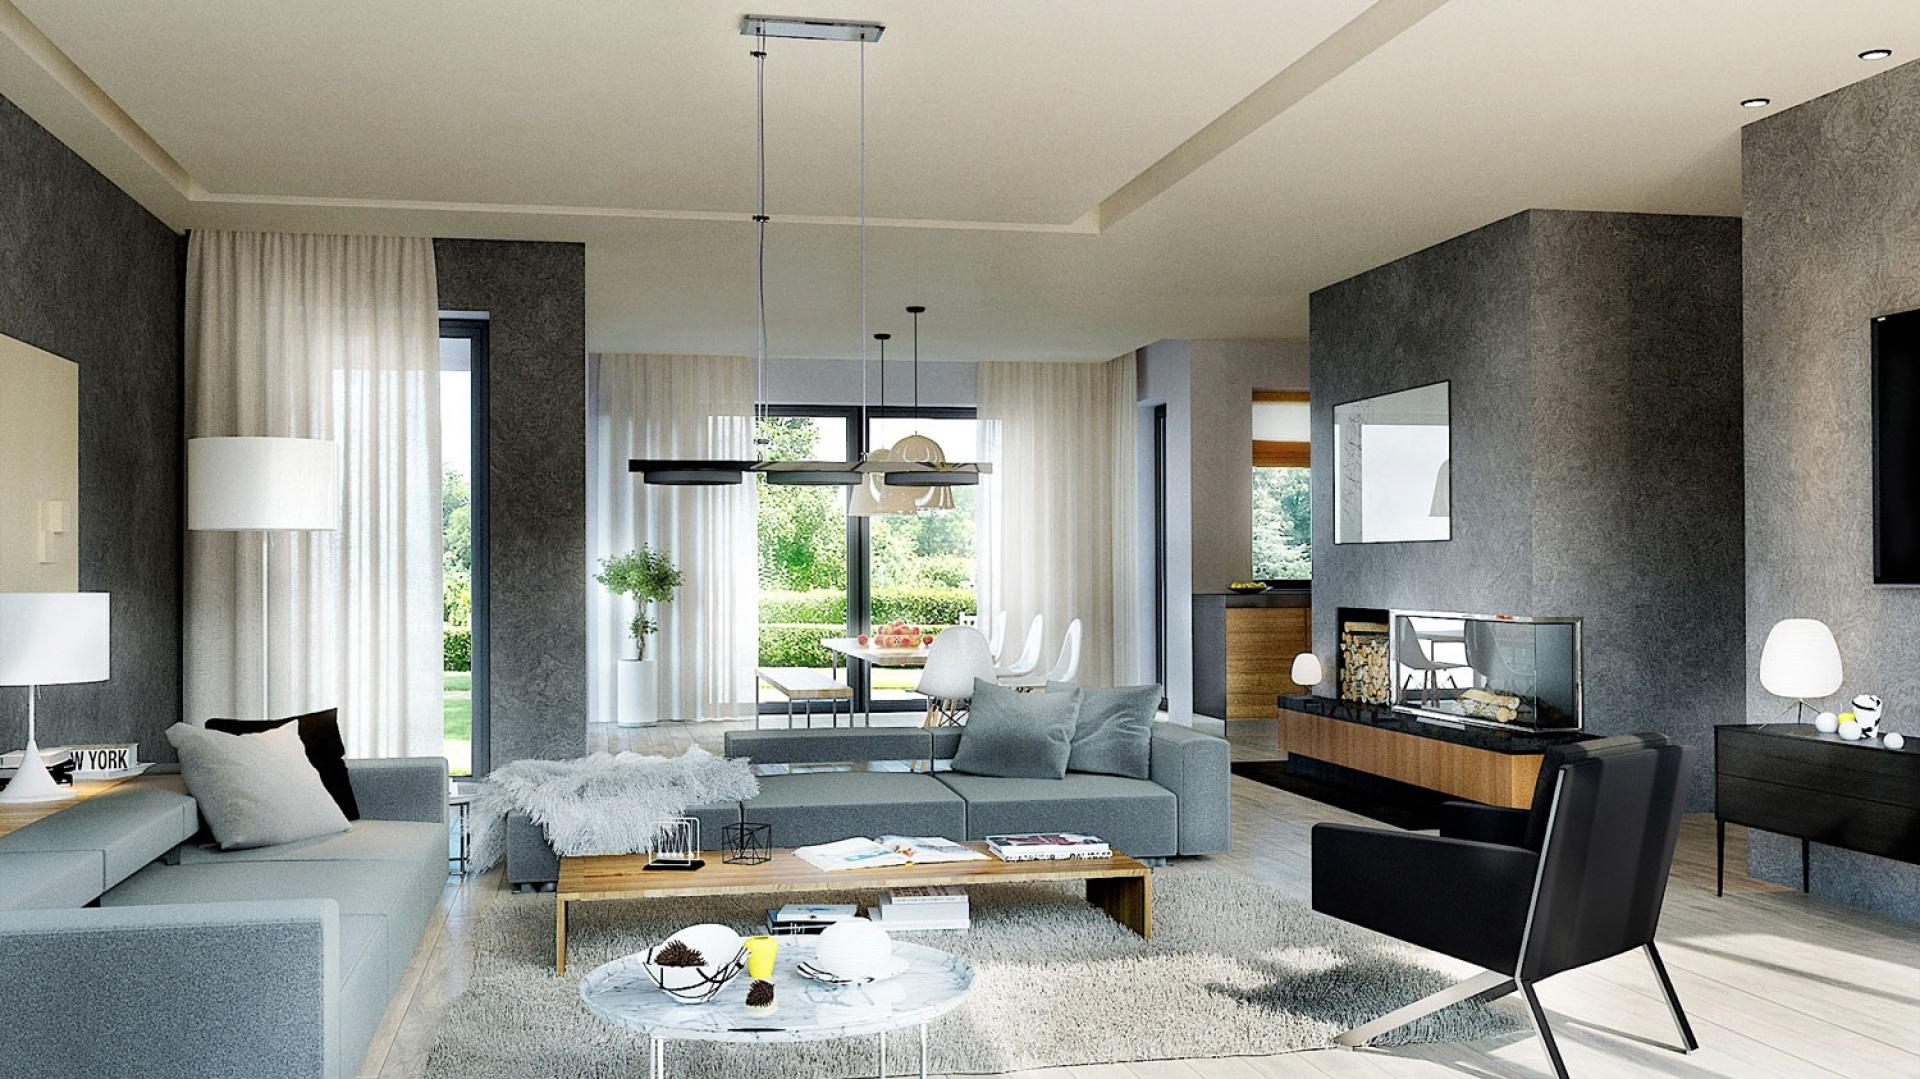 Pokój dzienny zaprojektowano w jasnych barwach. Biel, szarość i kolor morza to kolory dominujące w salonie. Fot. Pracownia Projektowa Archipelag